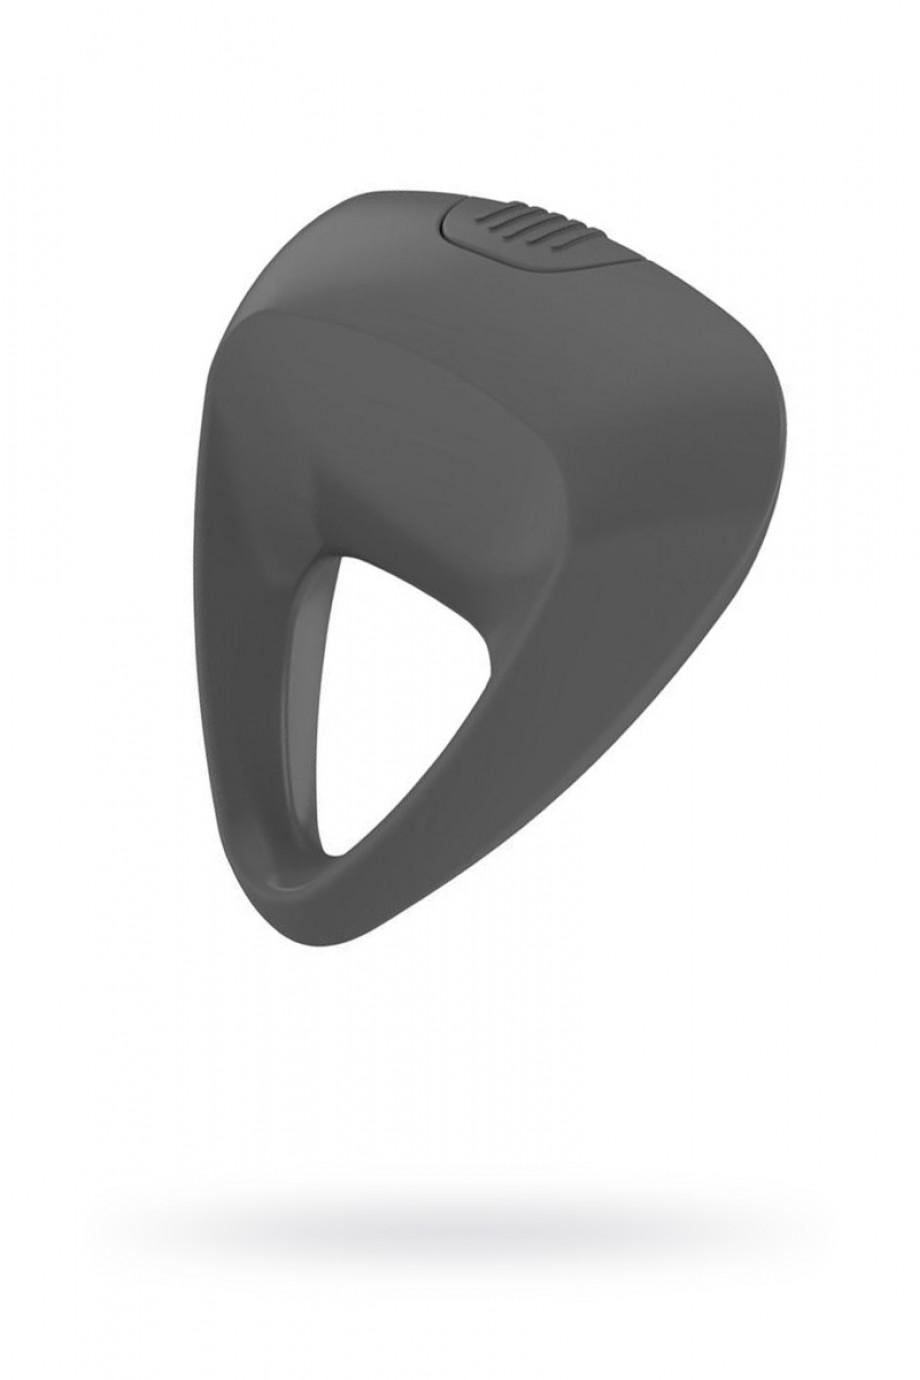 Эрекционное кольцо OVO инновационной трехгранной формы с мощной вибрацией, силиконовое, серое